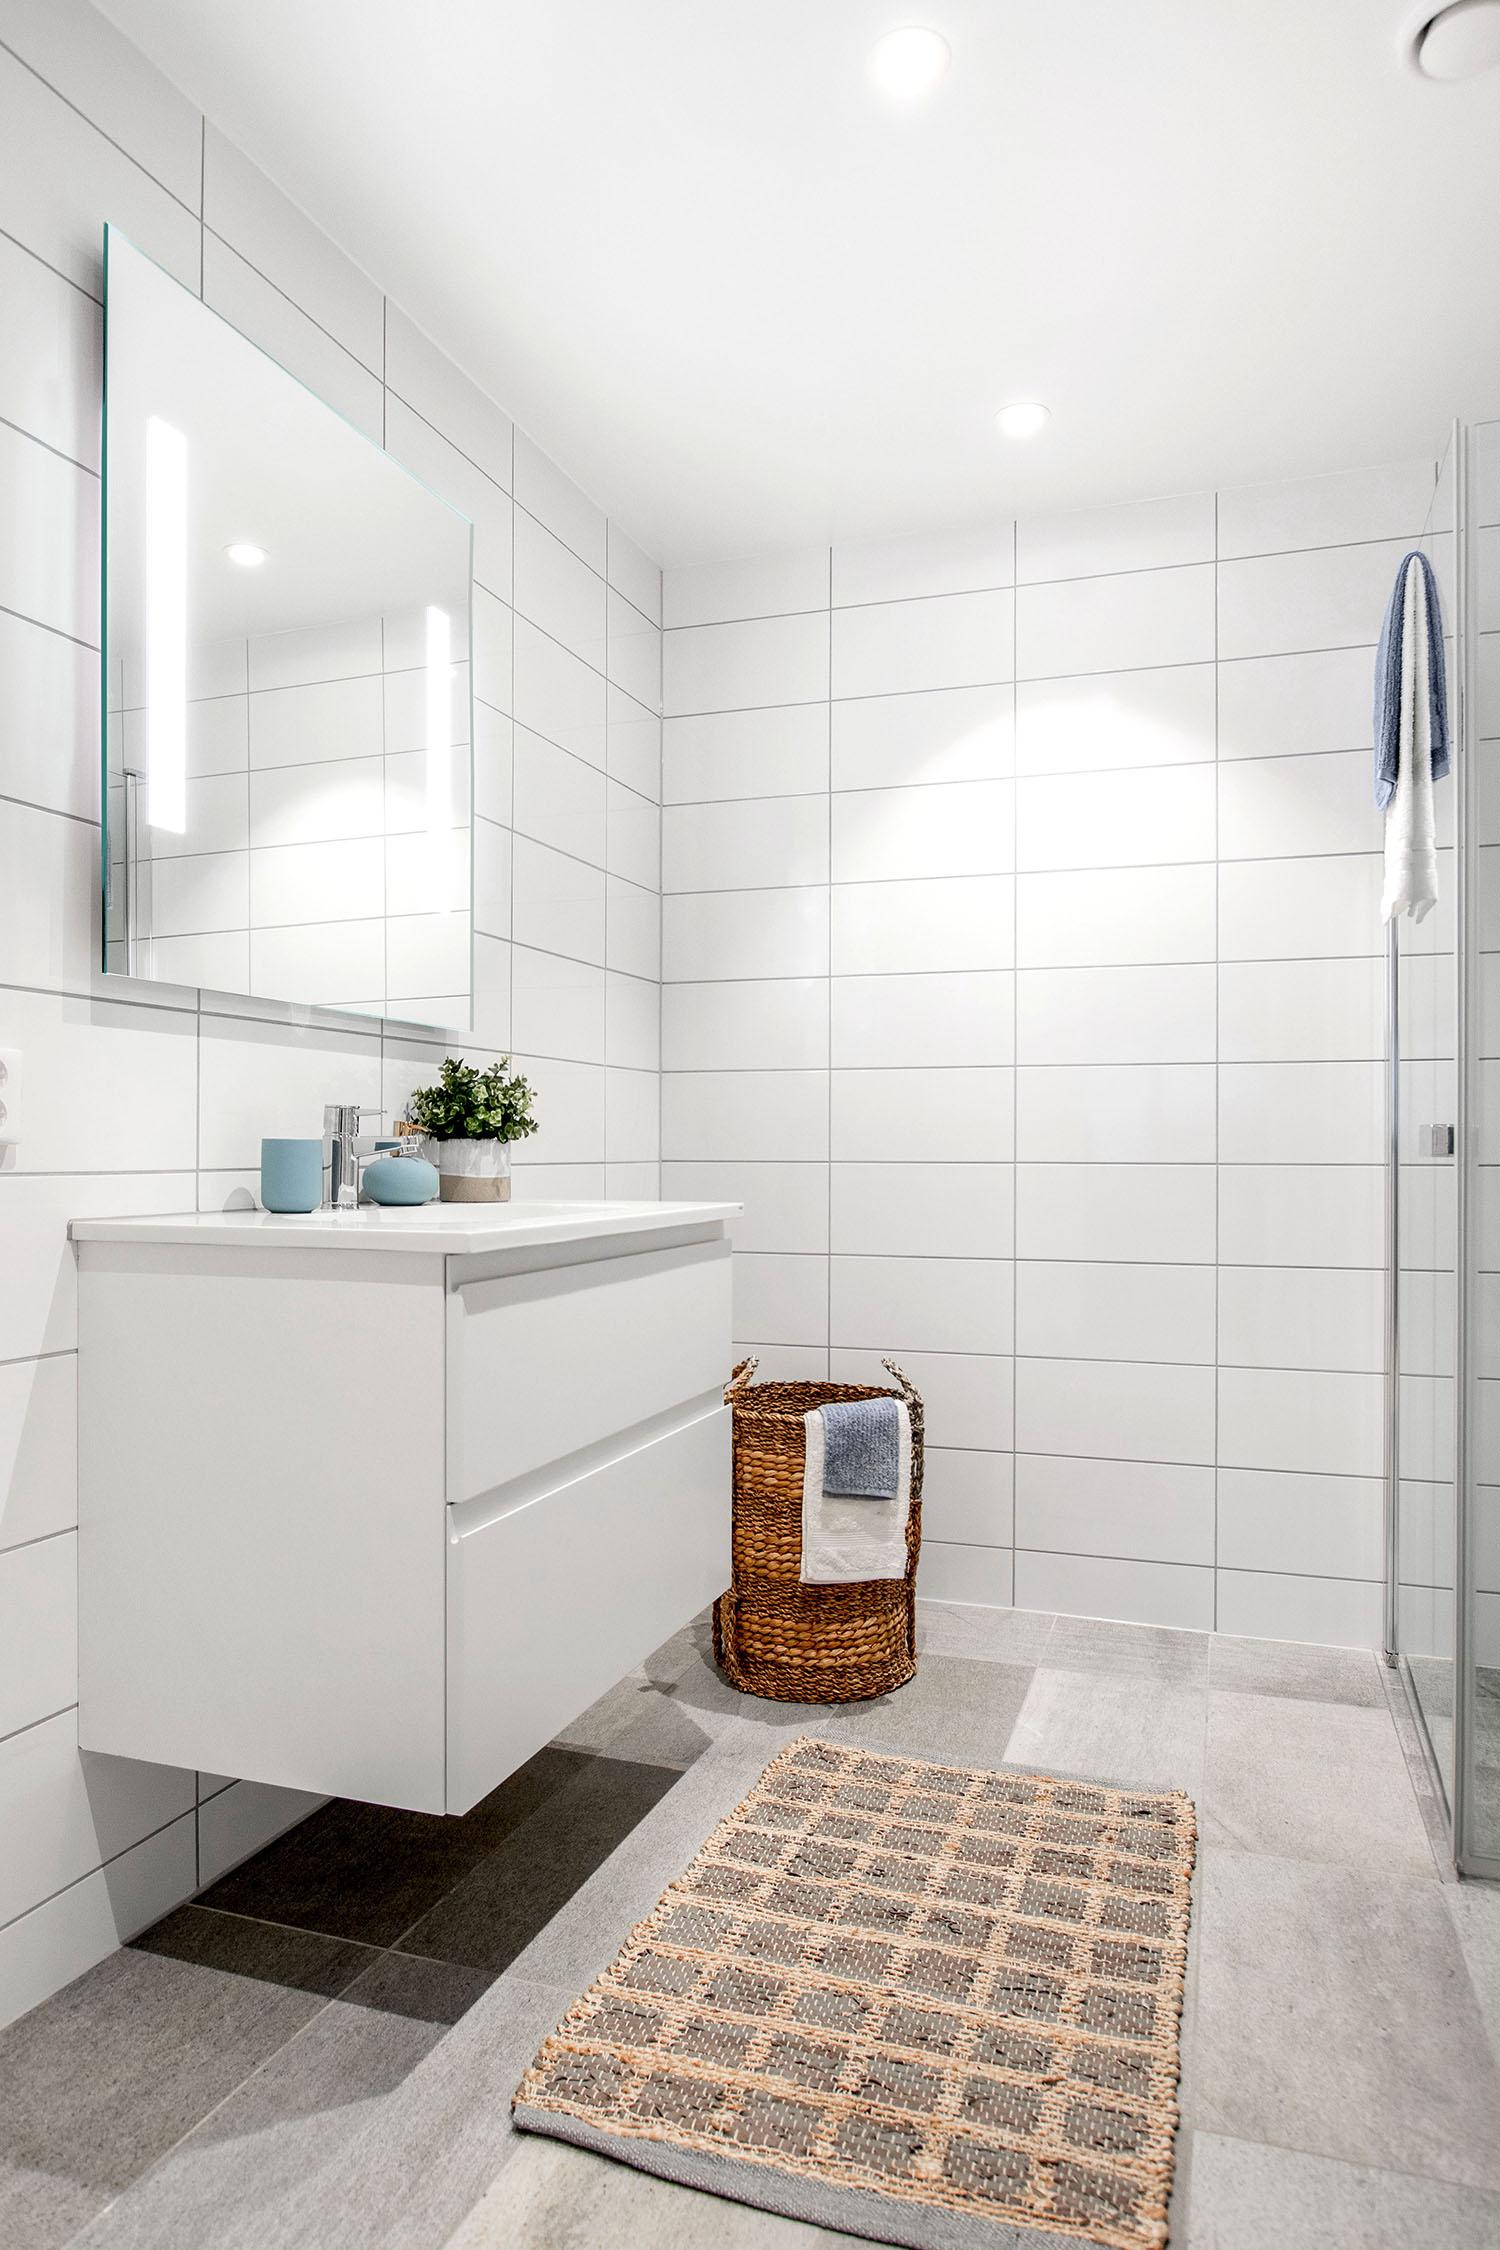 H02-101 05 Bath c